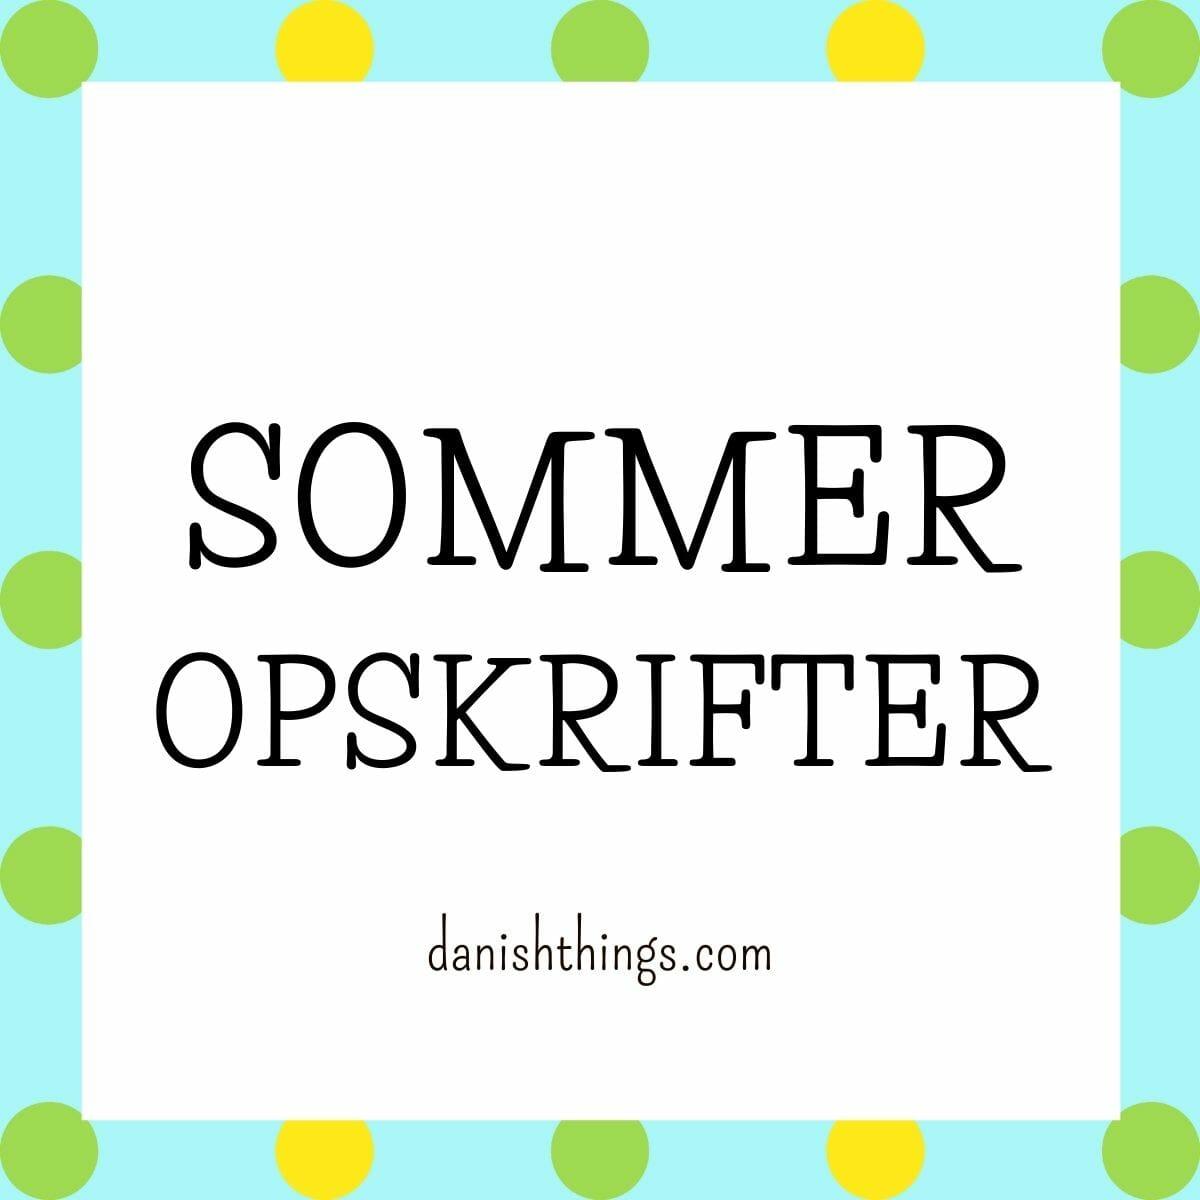 Find opskrifter, gratis print og inspiration til årets gang på danishthings.com #DanishThings #spisnaturen #sommer #spissommeren #blomster #rabarber #lavendel #gran #hyldeblomst #is #hindbær #kager #desserter